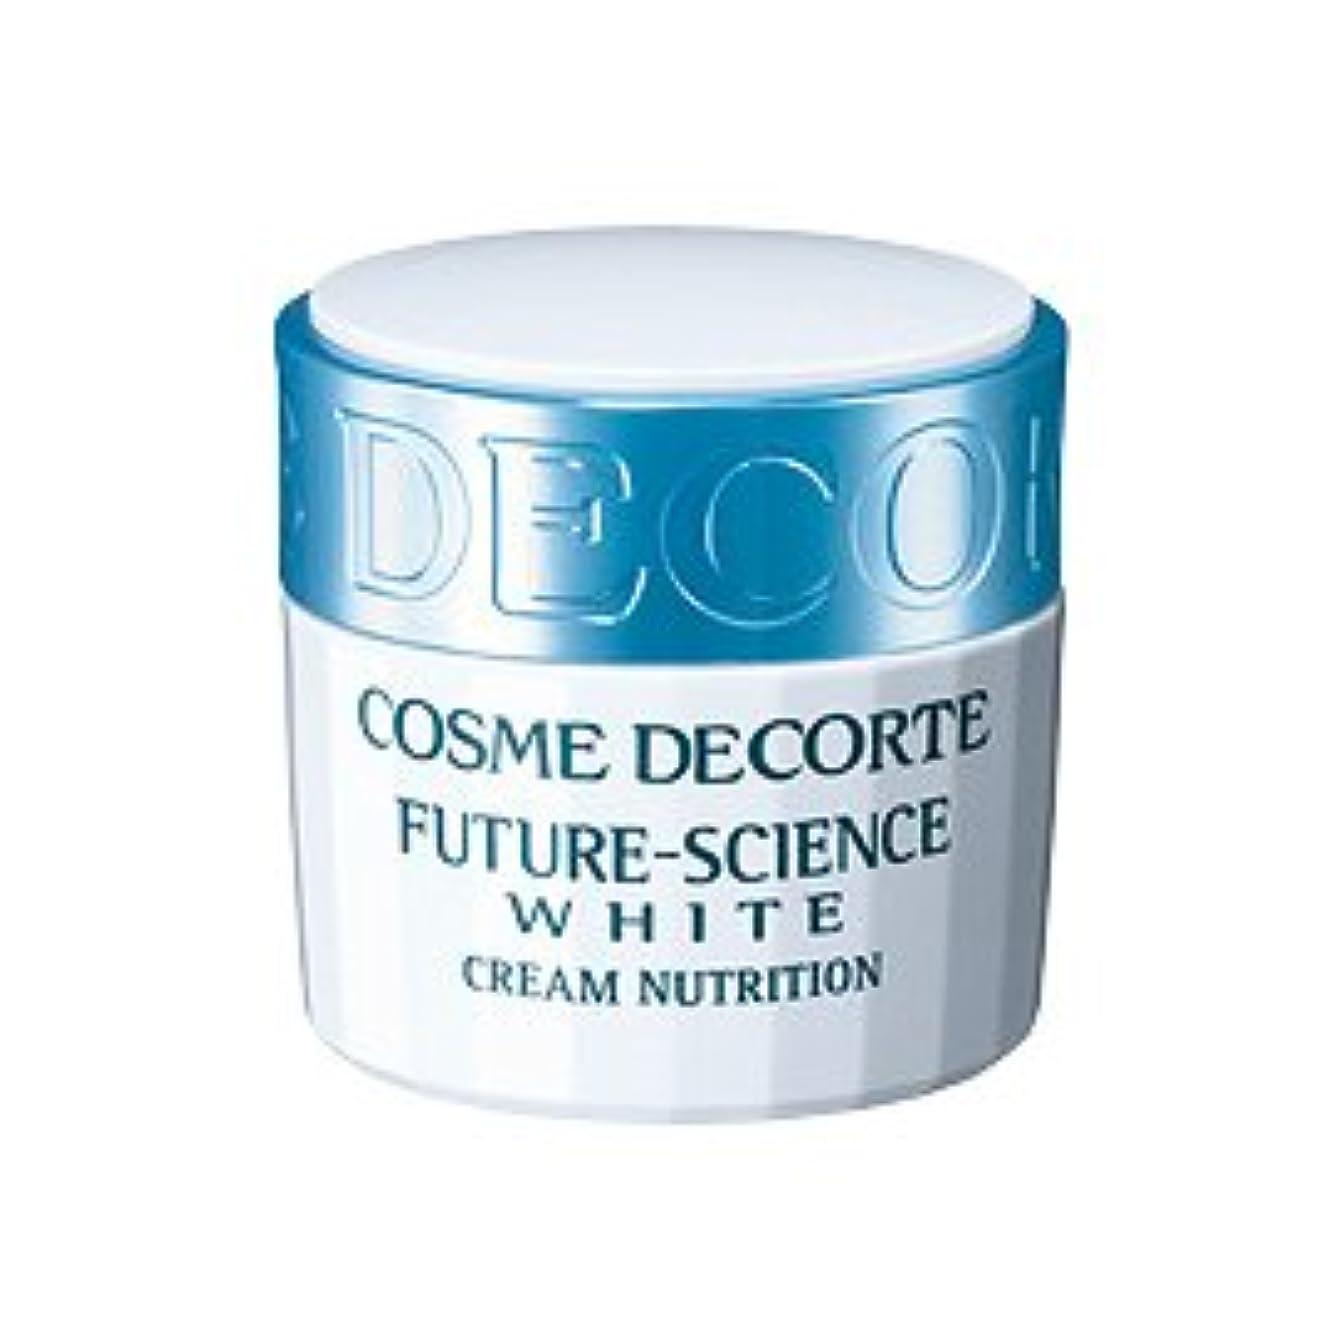 歌水分突破口COSME DECORTE コスメ デコルテ フューチャー サイエンス ホワイト クリーム ニュートリション 40g [並行輸入品]